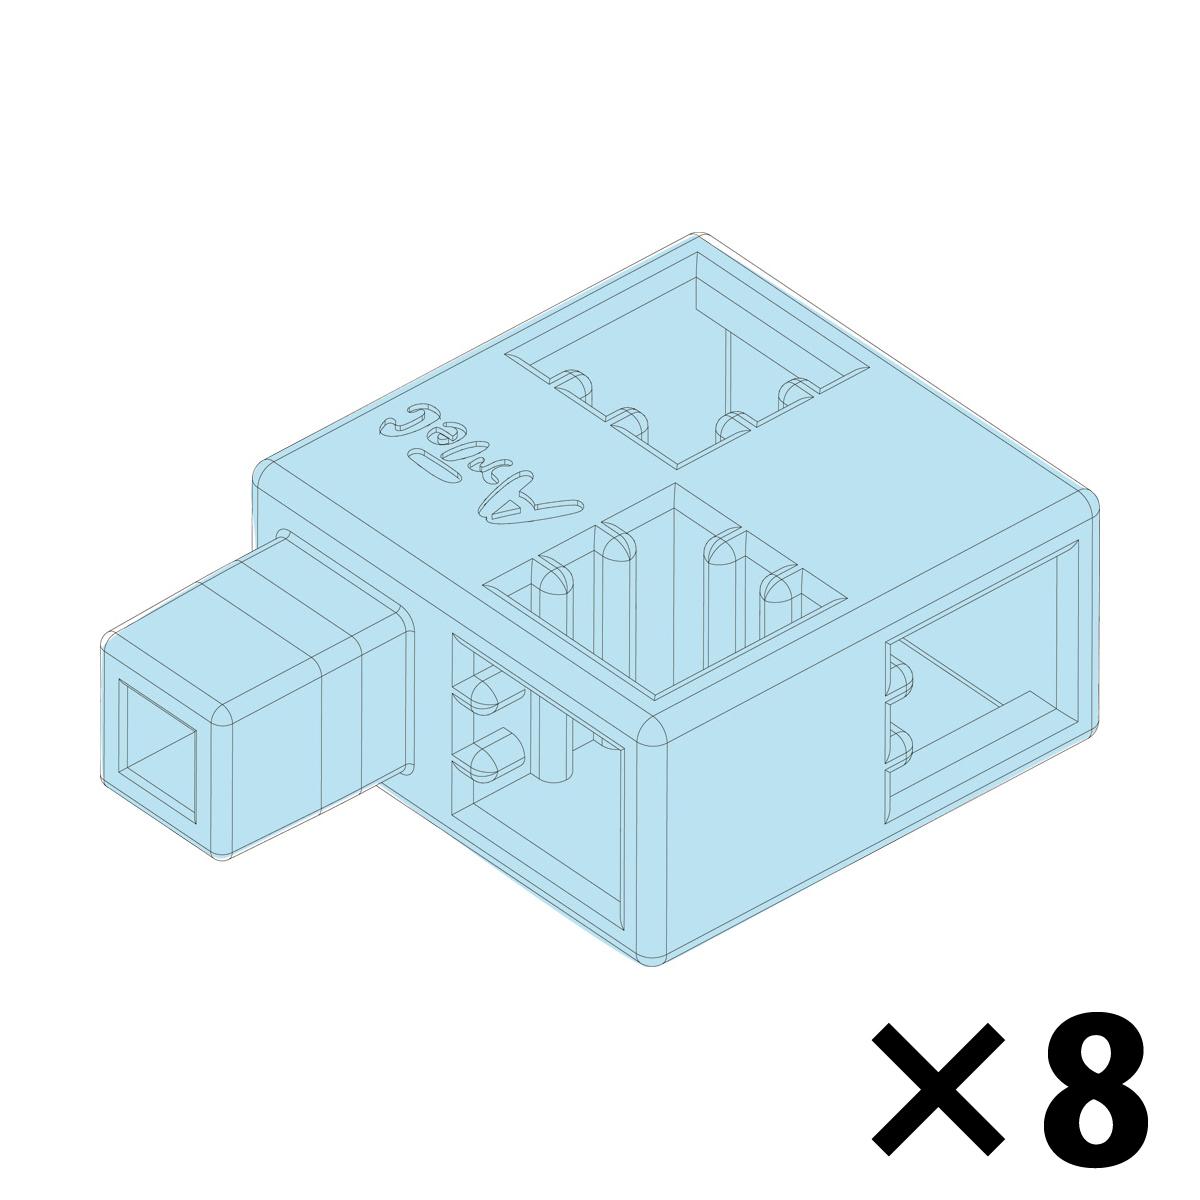 アーテックブロック部品 アーテックブロック ハーフC 薄水 8pcsセット カラーブロック 日本製 ゲーム 玩具 レゴ・レゴブロックのように遊べます パーツ